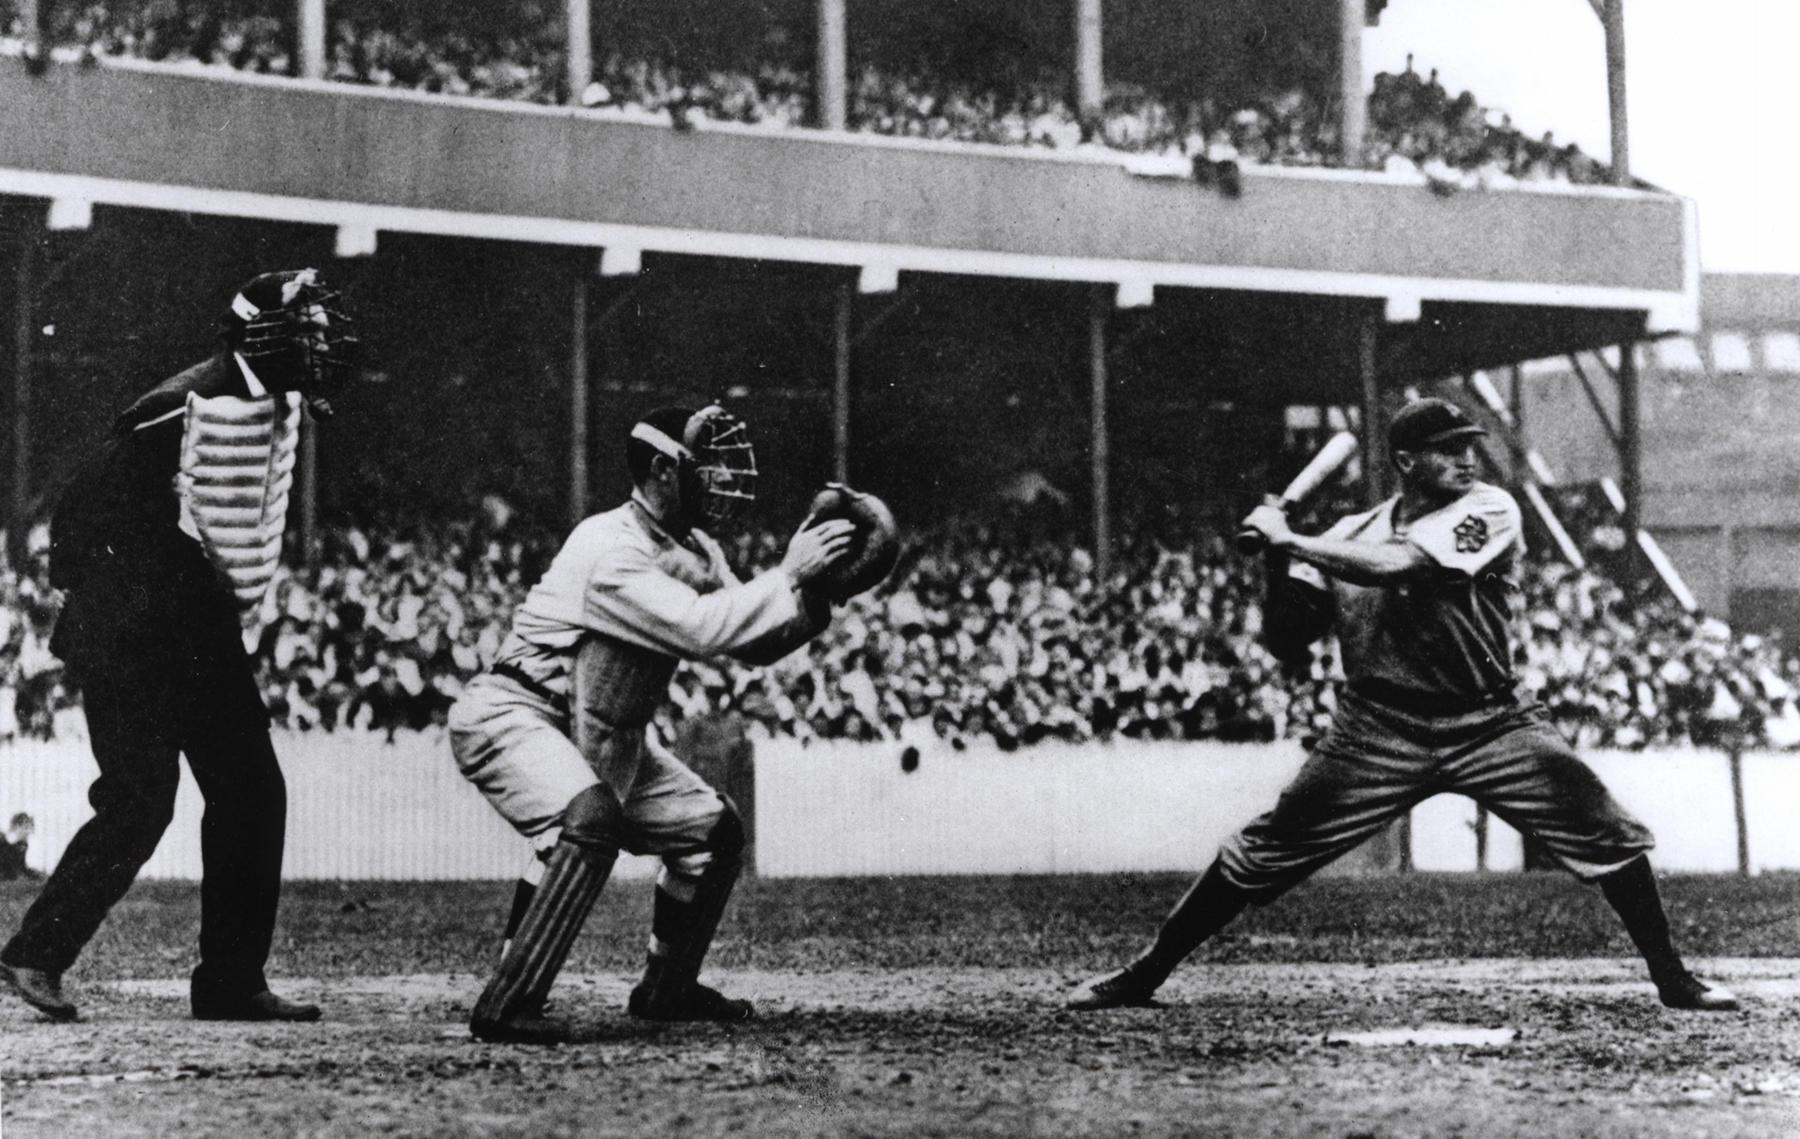 Umpire Hank O'Day, New York Giants catcher Roger Bresnahan and Pittsburgh Pirates batter Honus Wagner, New York's Polo Grounds, September 19, 1908 - BL-3993-99 (National Baseball Hall of Fame Library)